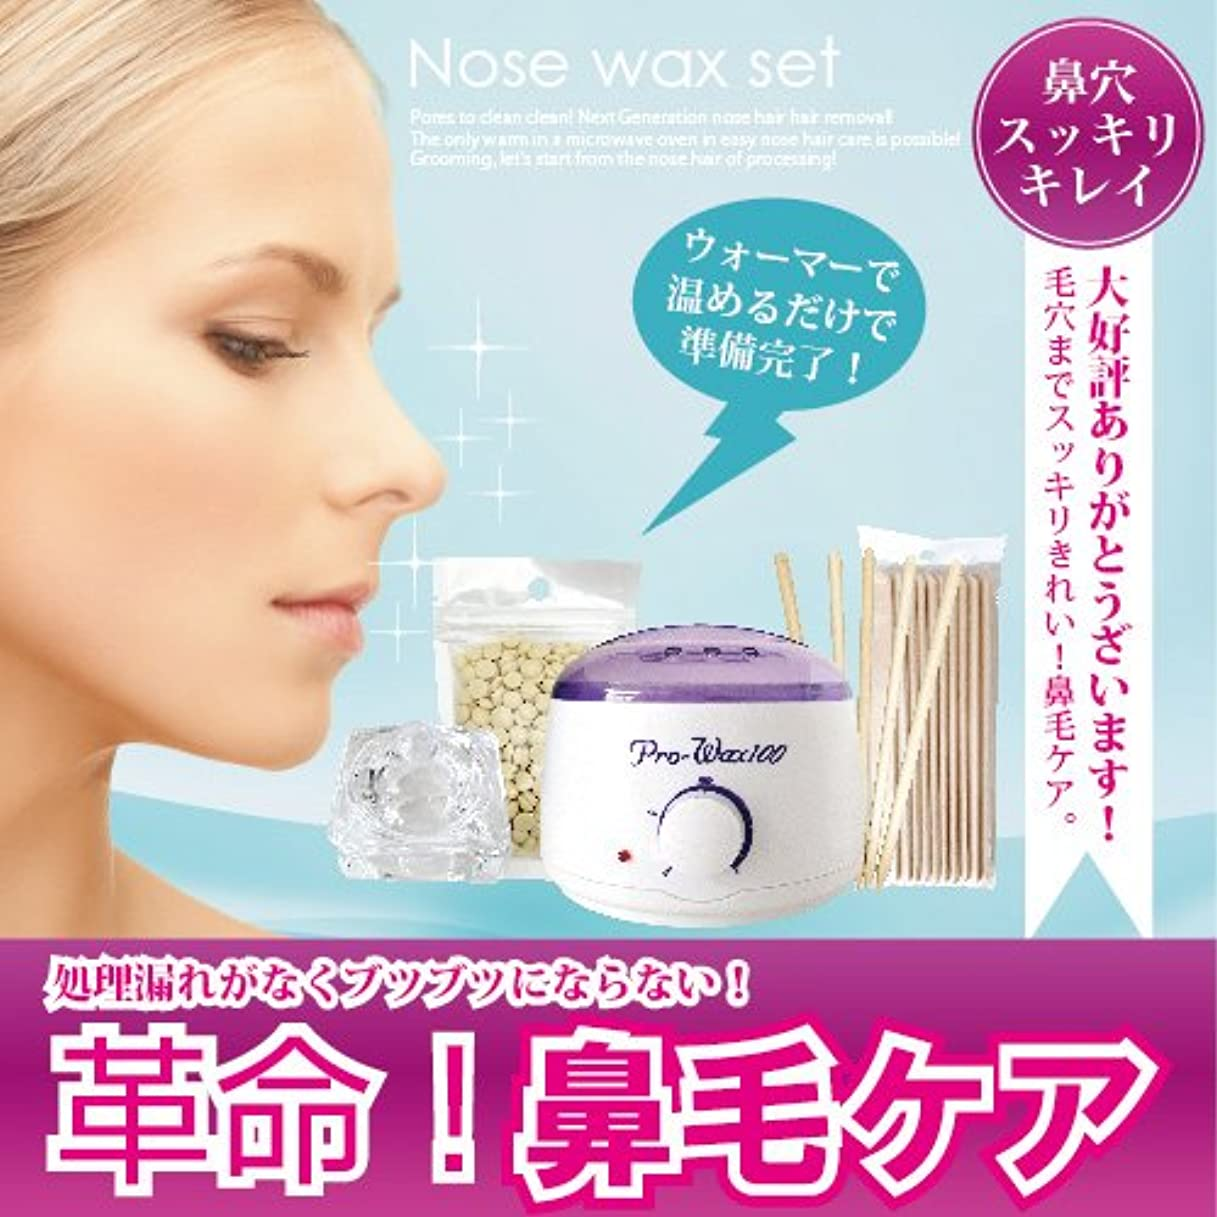 ドルリラックスニュージーランドブラジリアンワックス Nose wax setウォーマー付ノーズワックス鼻毛ケアセット(約12回分)